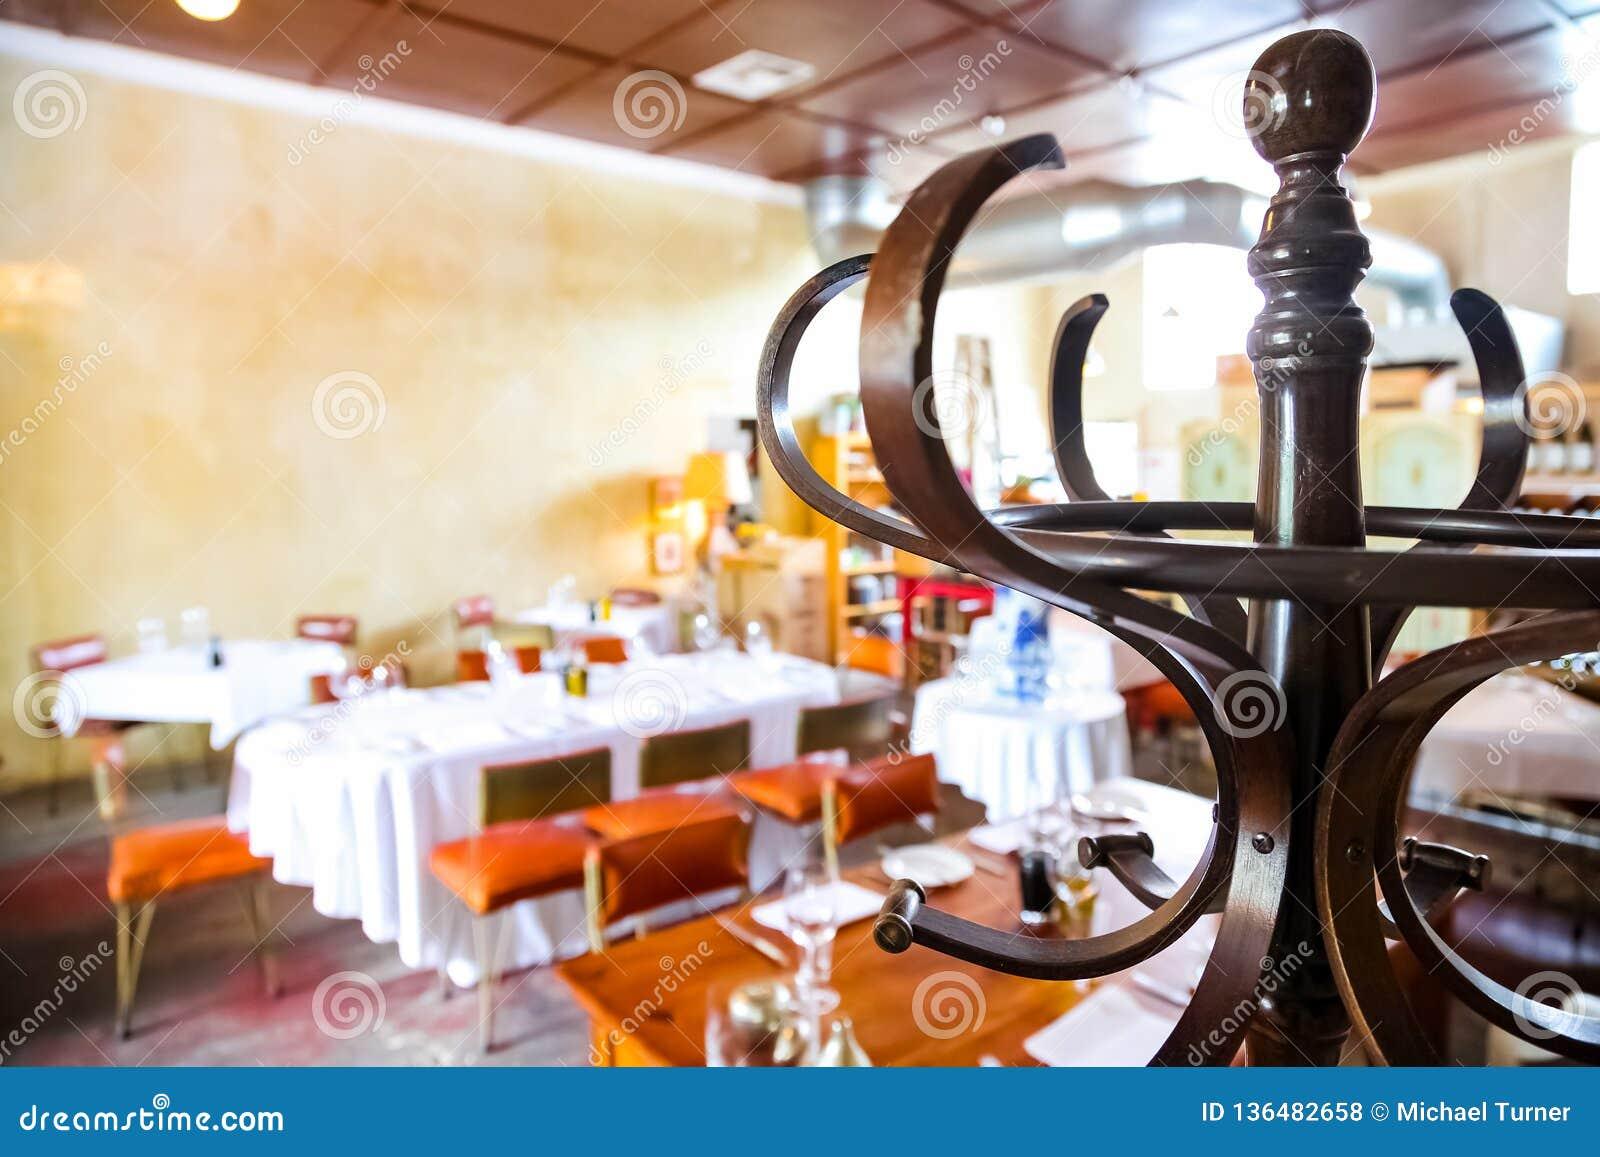 Interior Of Retro Bistro Restaurant In Up-market Area Editorial ...